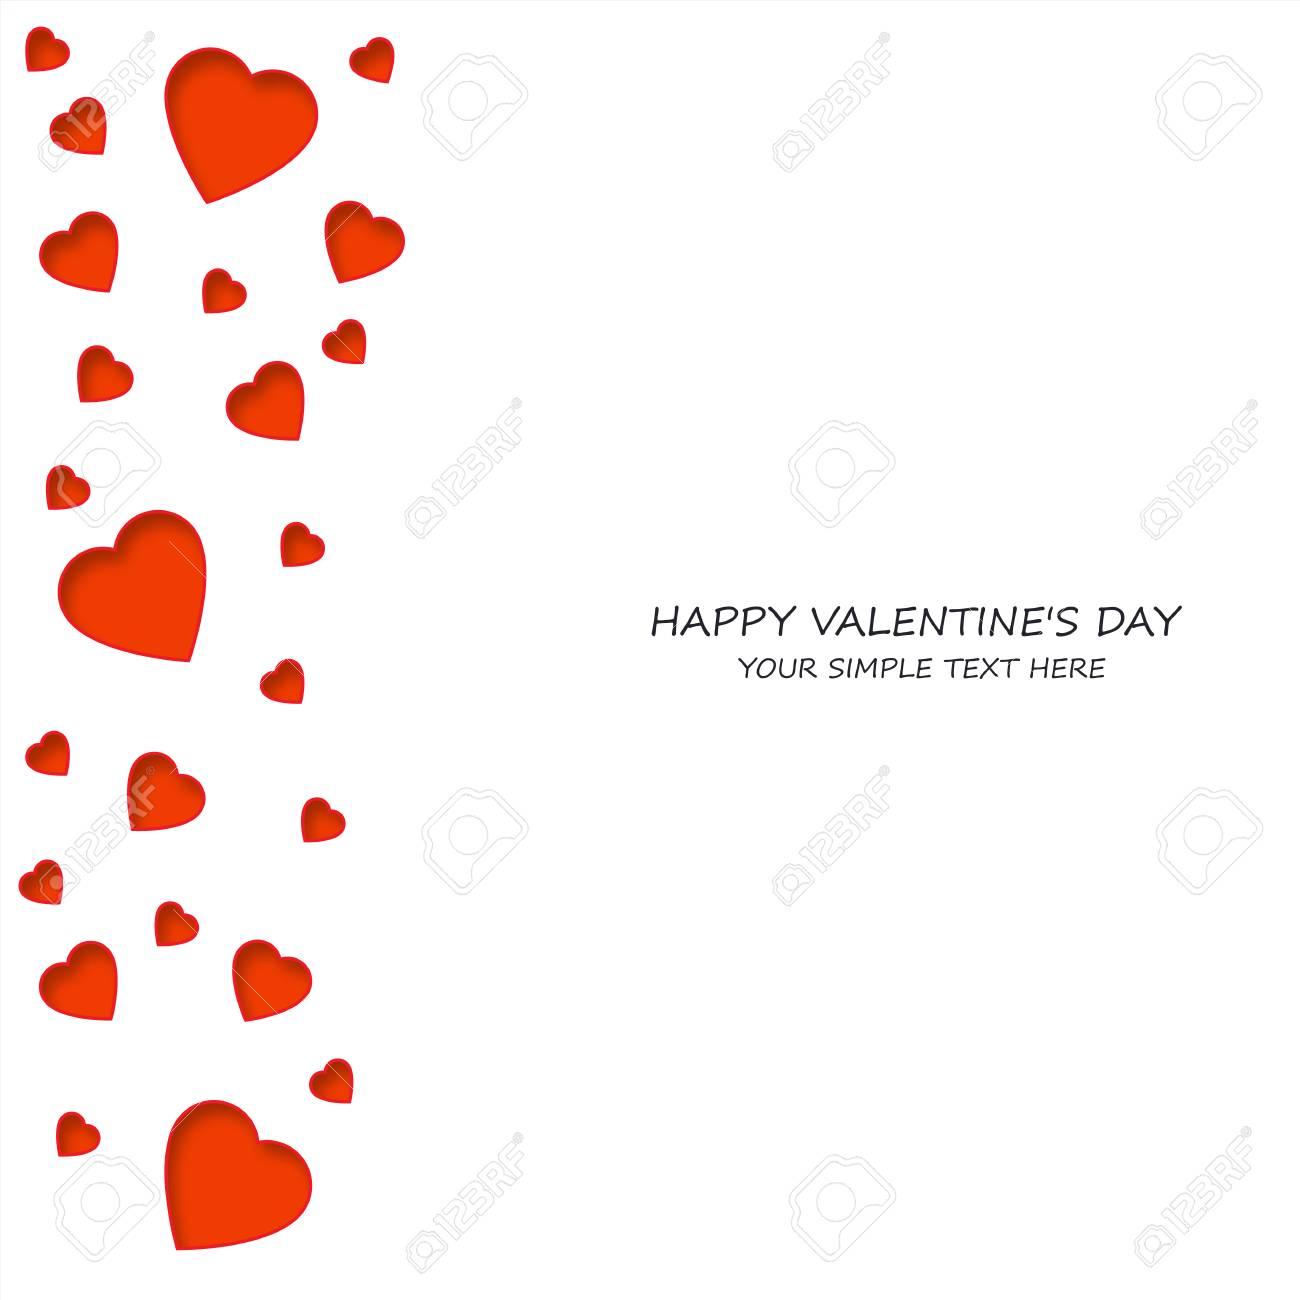 Helle Bunte Papier Herzen Vektor Hintergrund. Vector Hearts Valentine.  Hochzeit, Jubiläum, Geburtstag